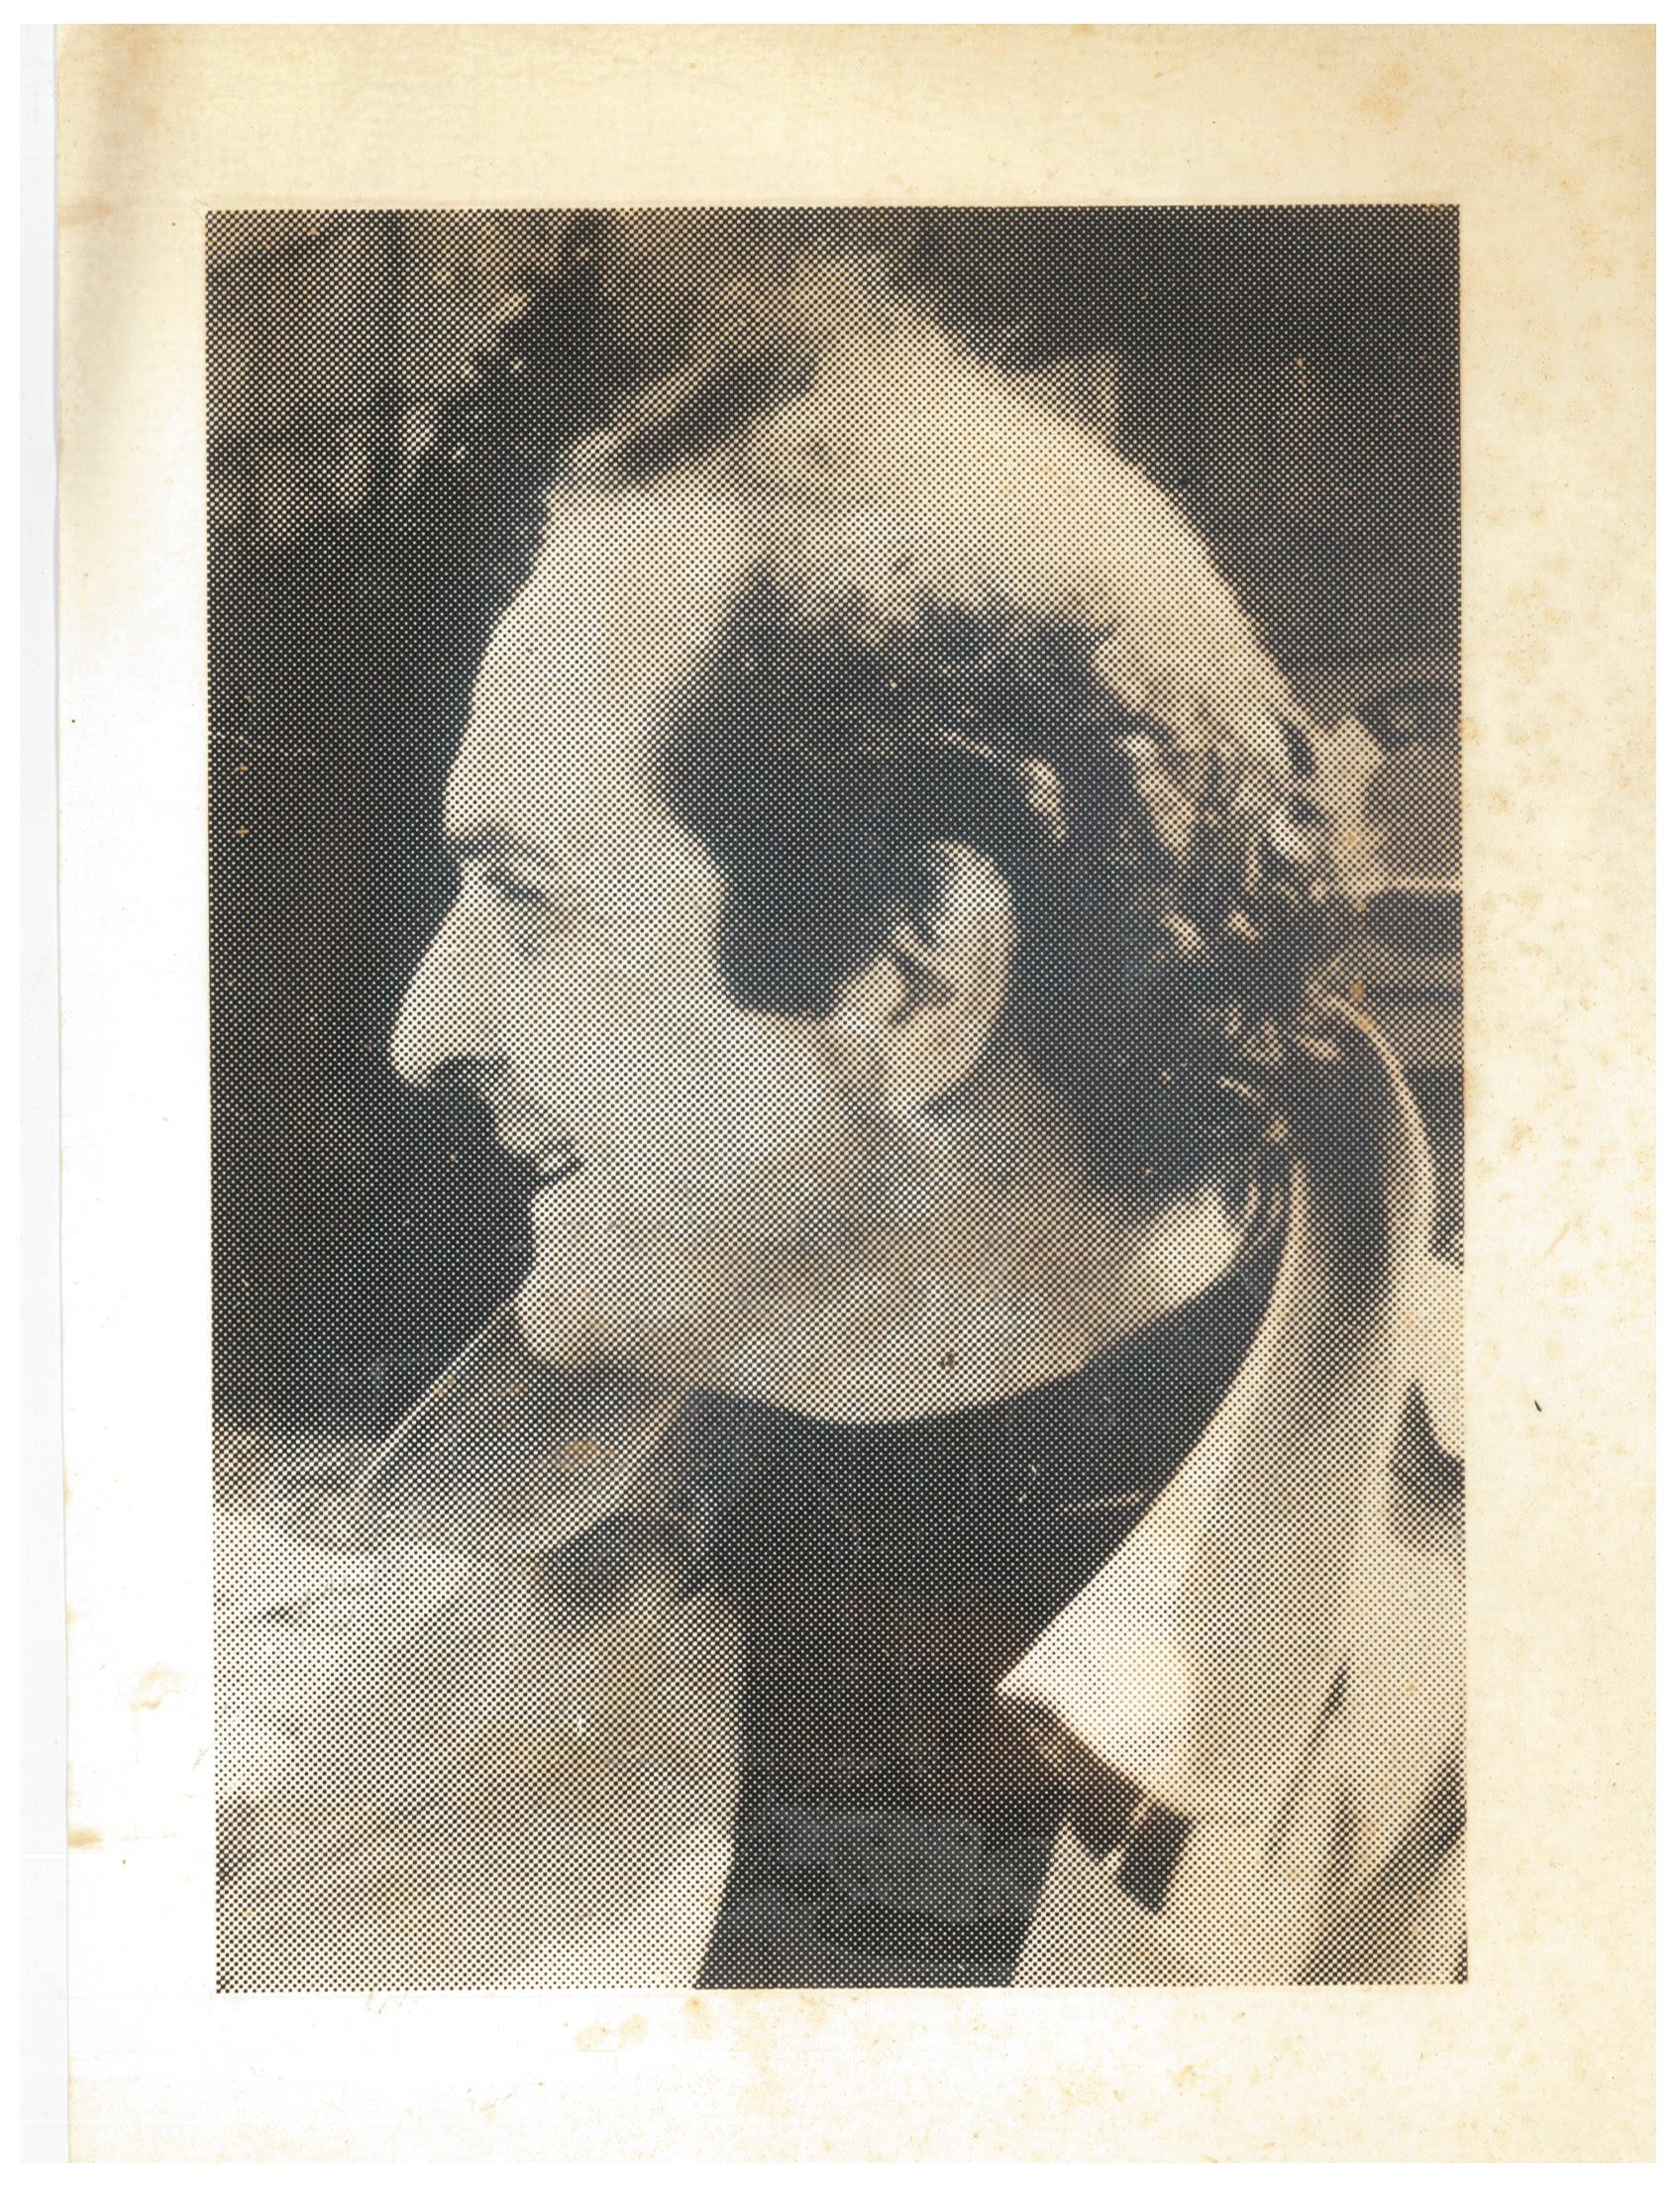 Portrait de profil de Georges Haupt (non daté, auteur inconnu)